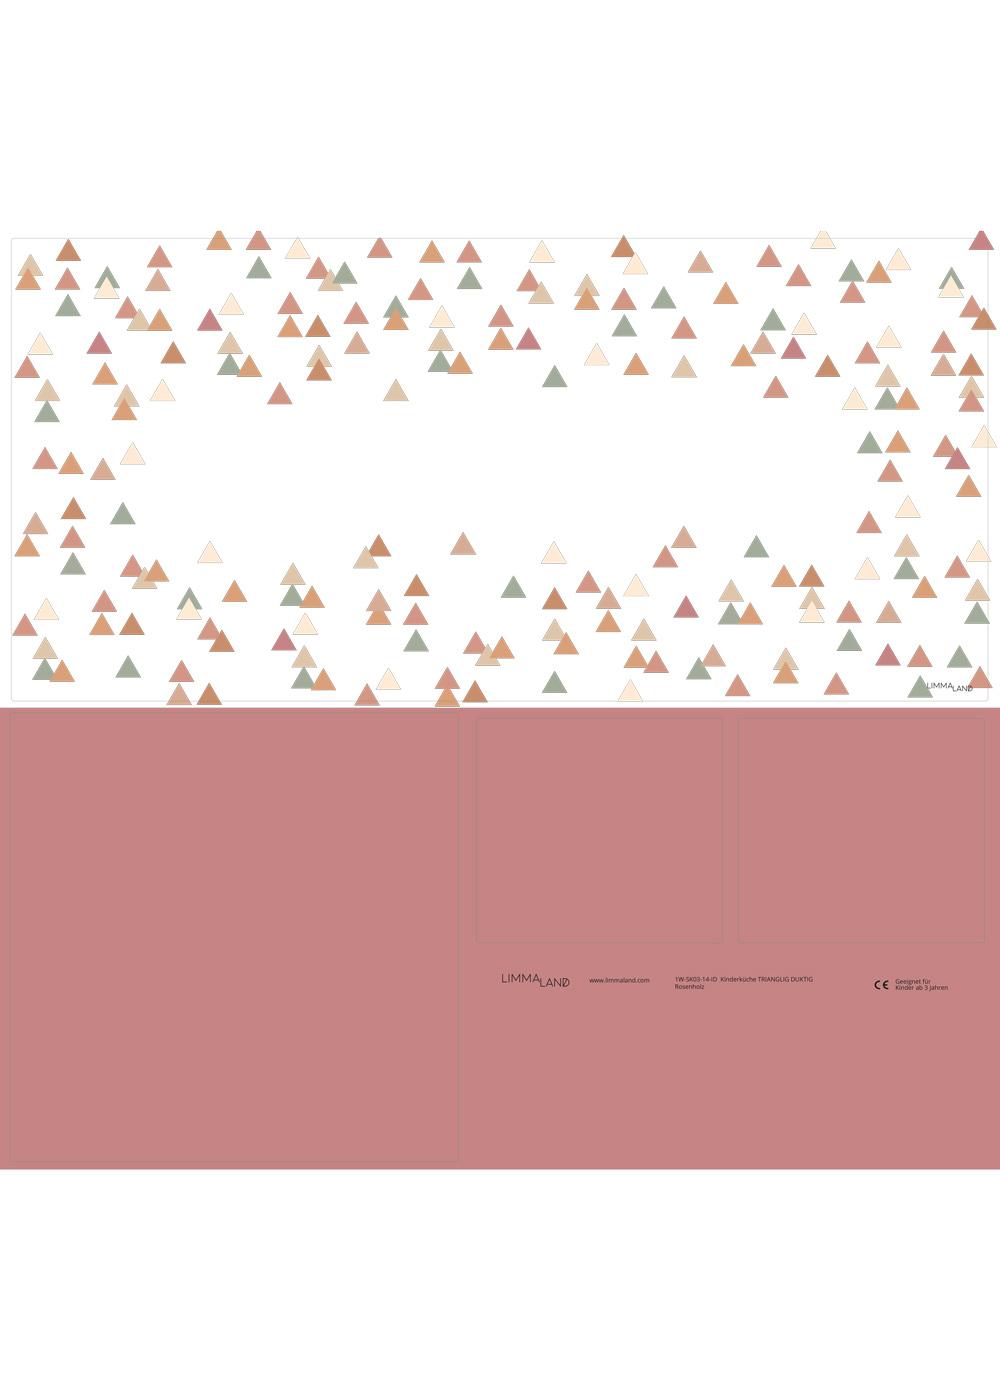 klebefolie ikea duktig kinderkueche trianglig name rosenholz 4